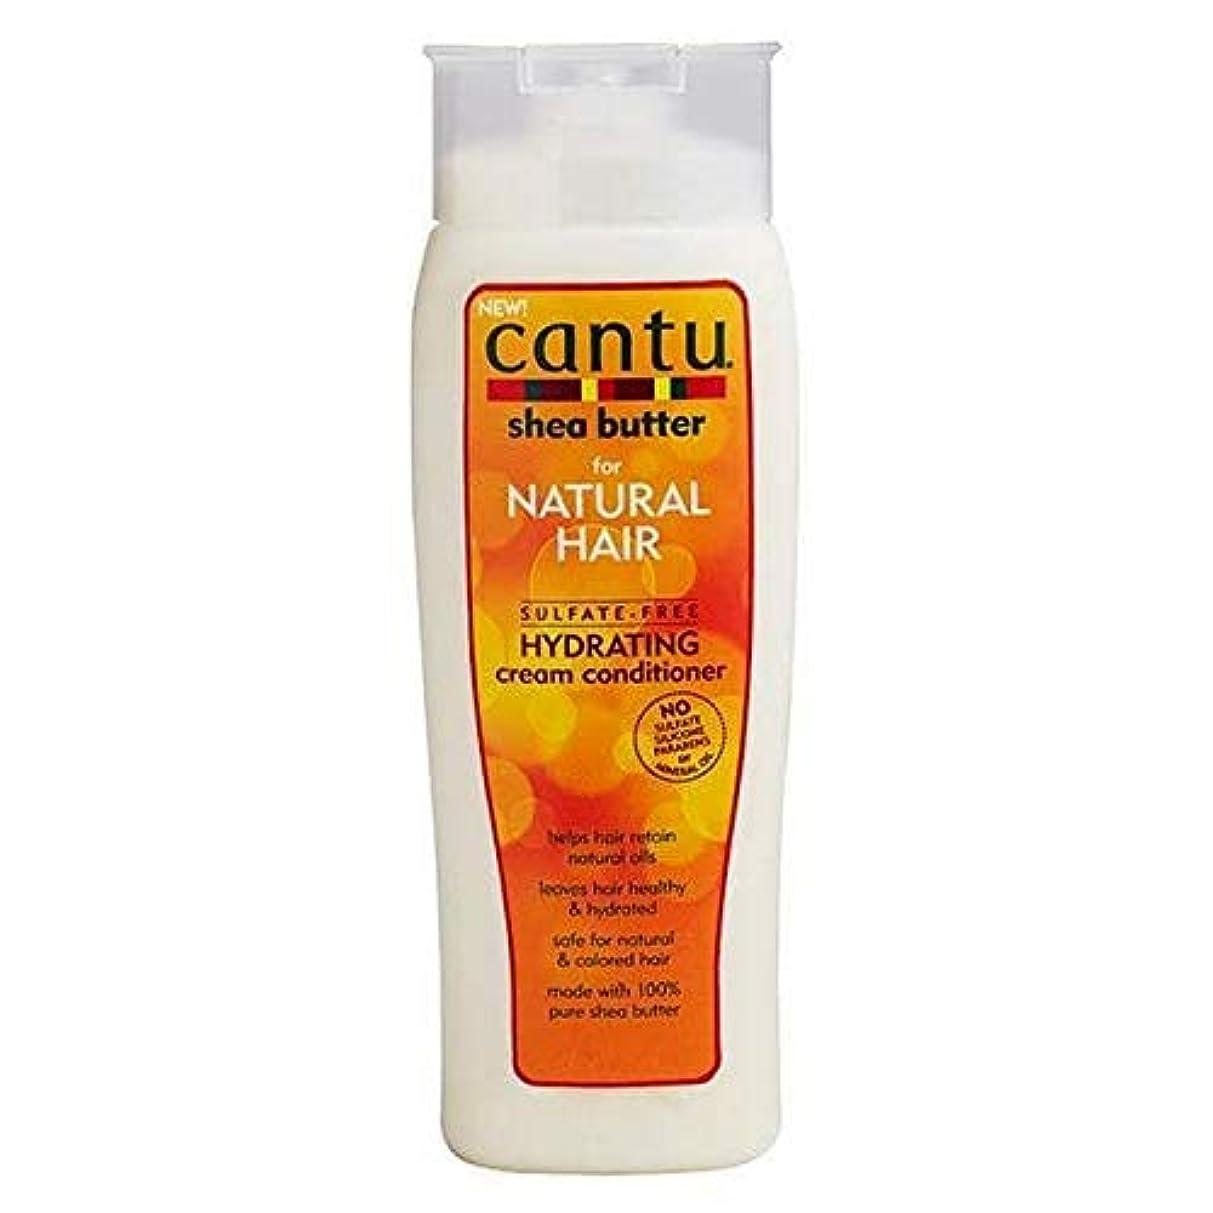 ラフレシアアルノルディポーター妥協[Cantu ] カントゥ硫酸フリーの水和クリームコンディショナー400ミリリットル - Cantu Sulfate-Free Hydrating Cream Conditioner 400ml [並行輸入品]